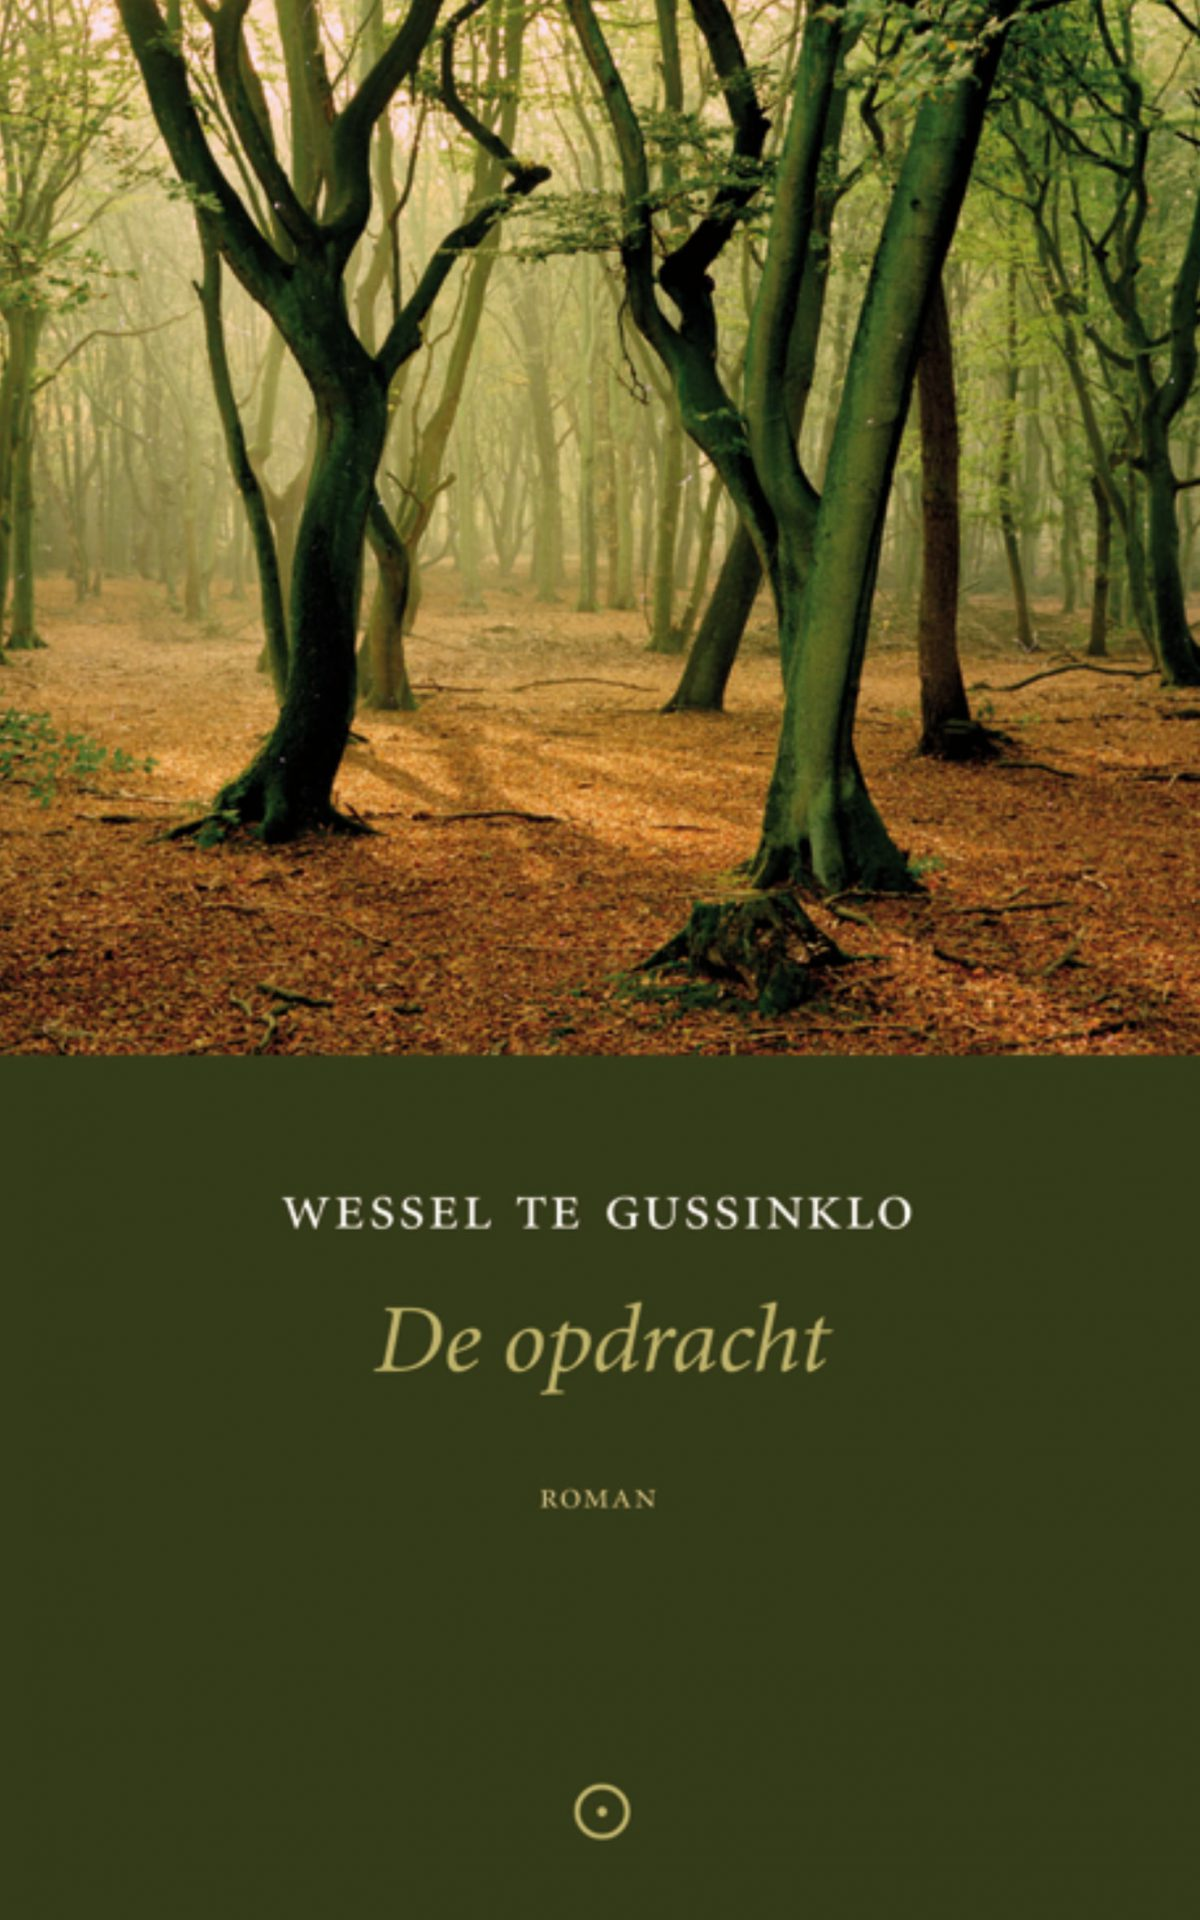 De opdracht – Wessel te Gussinklo